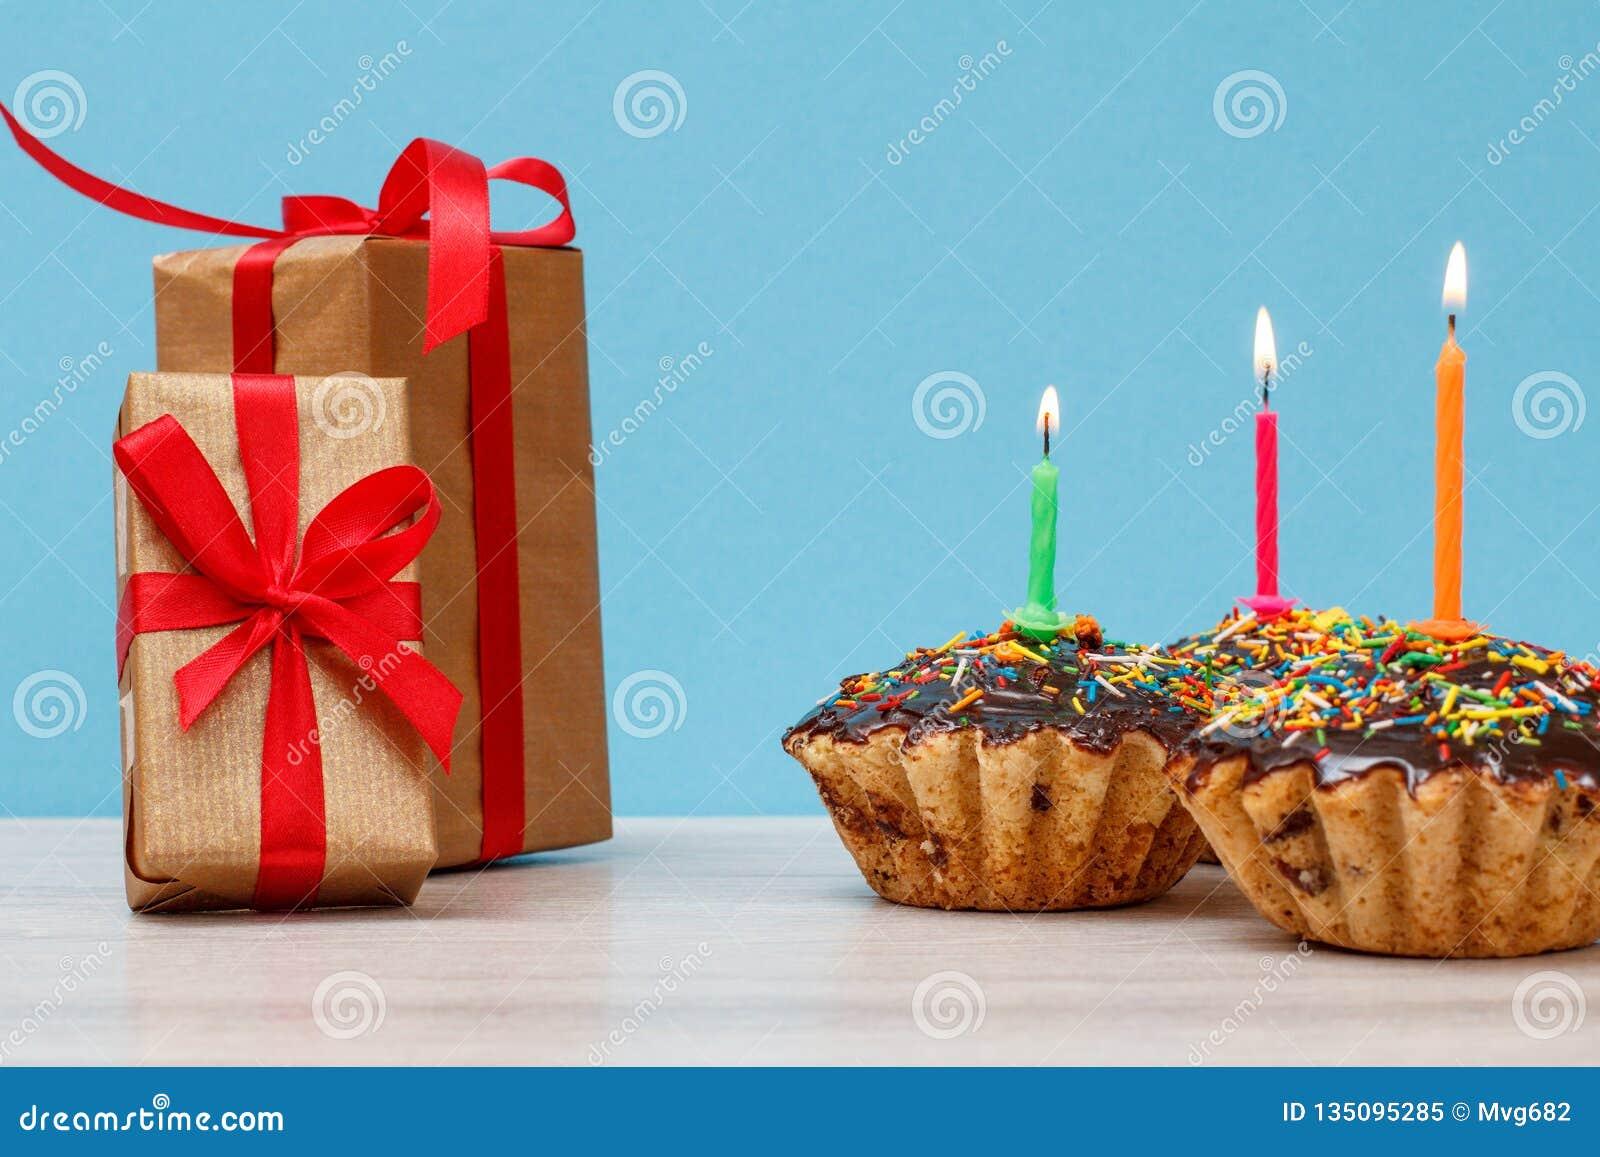 礼物盒和生日杯形蛋糕与烧欢乐蜡烛在蓝色背景